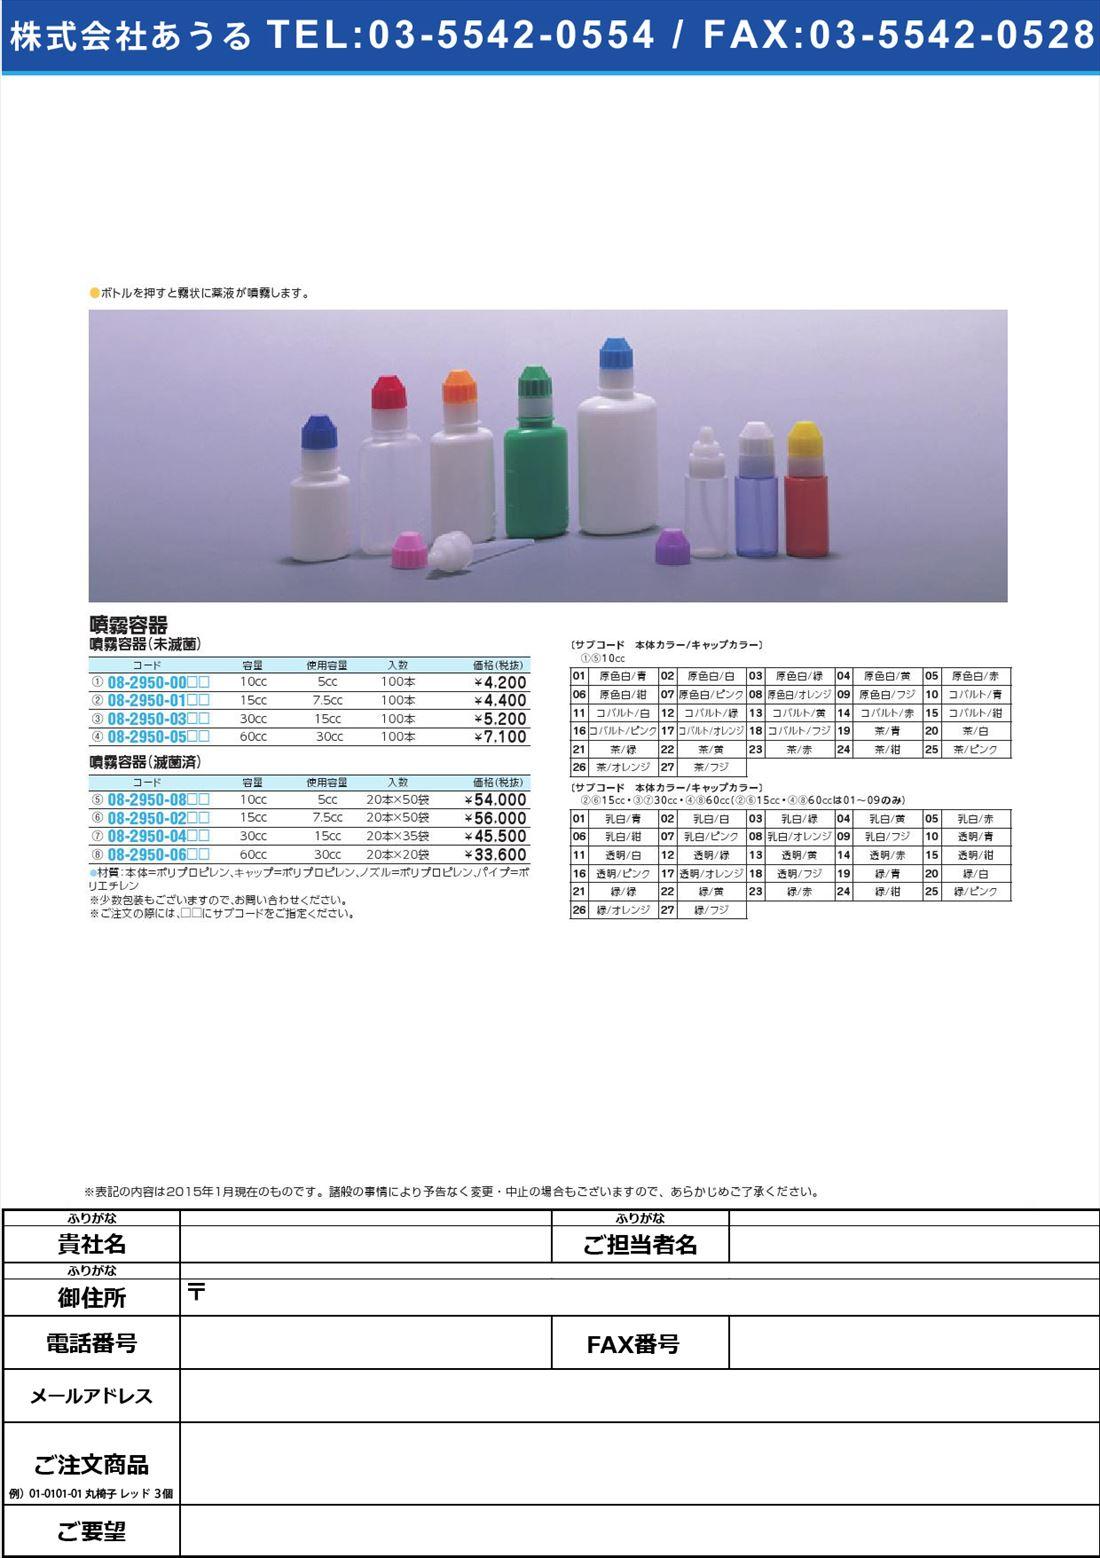 噴霧容器10(未滅菌) フンムヨウキ10(ミメッキン) 5CC(100ポンイリ)【1袋単位】(08-2950-00)